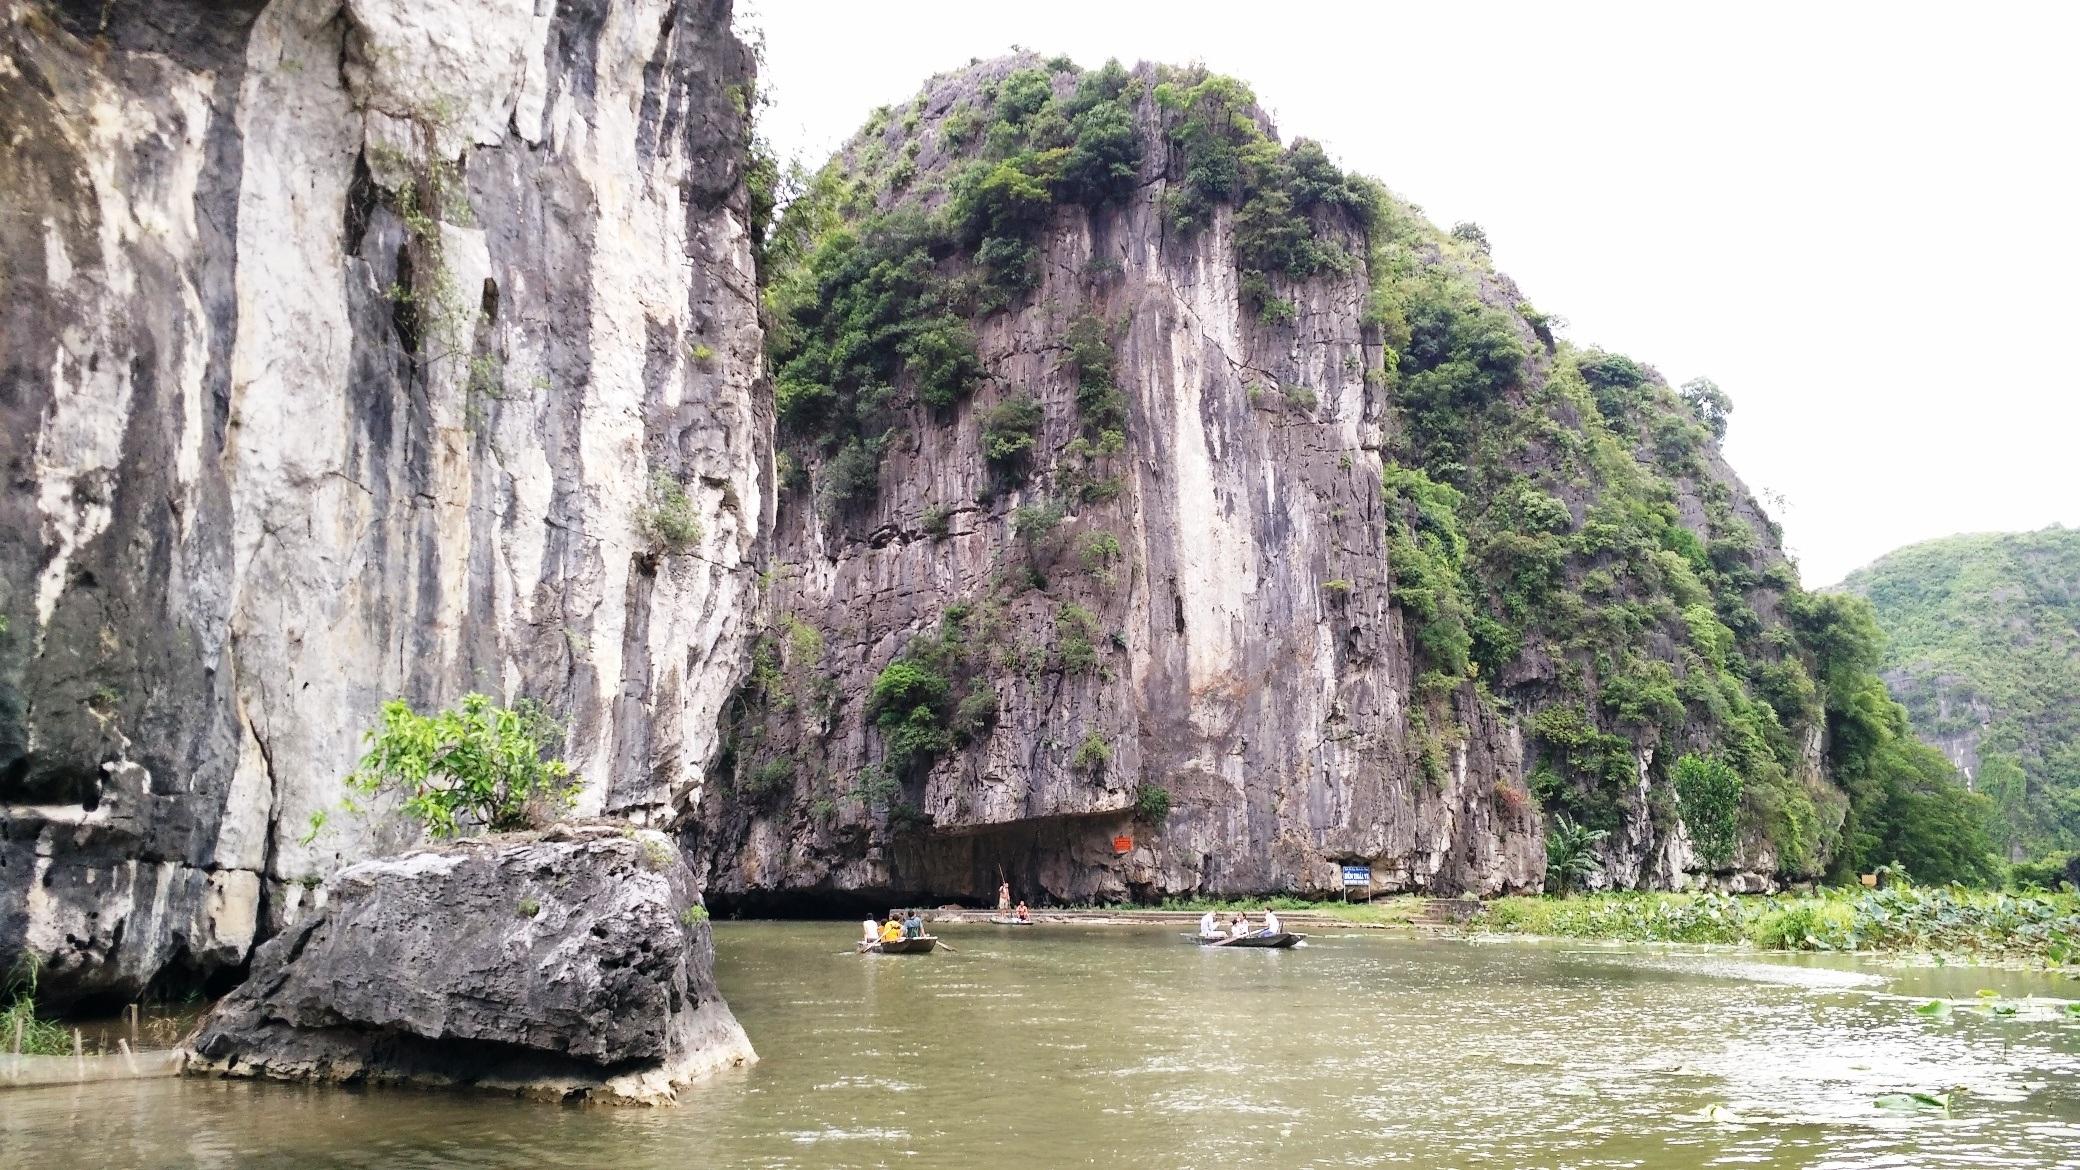 Du khách đi đò trên sông Ngô Đồng chảy qua những núi đã vôi cao sừng sững, vượt qua 3 hang lớn để đến với những khung cảnh nên thơ tại Tam Cốc